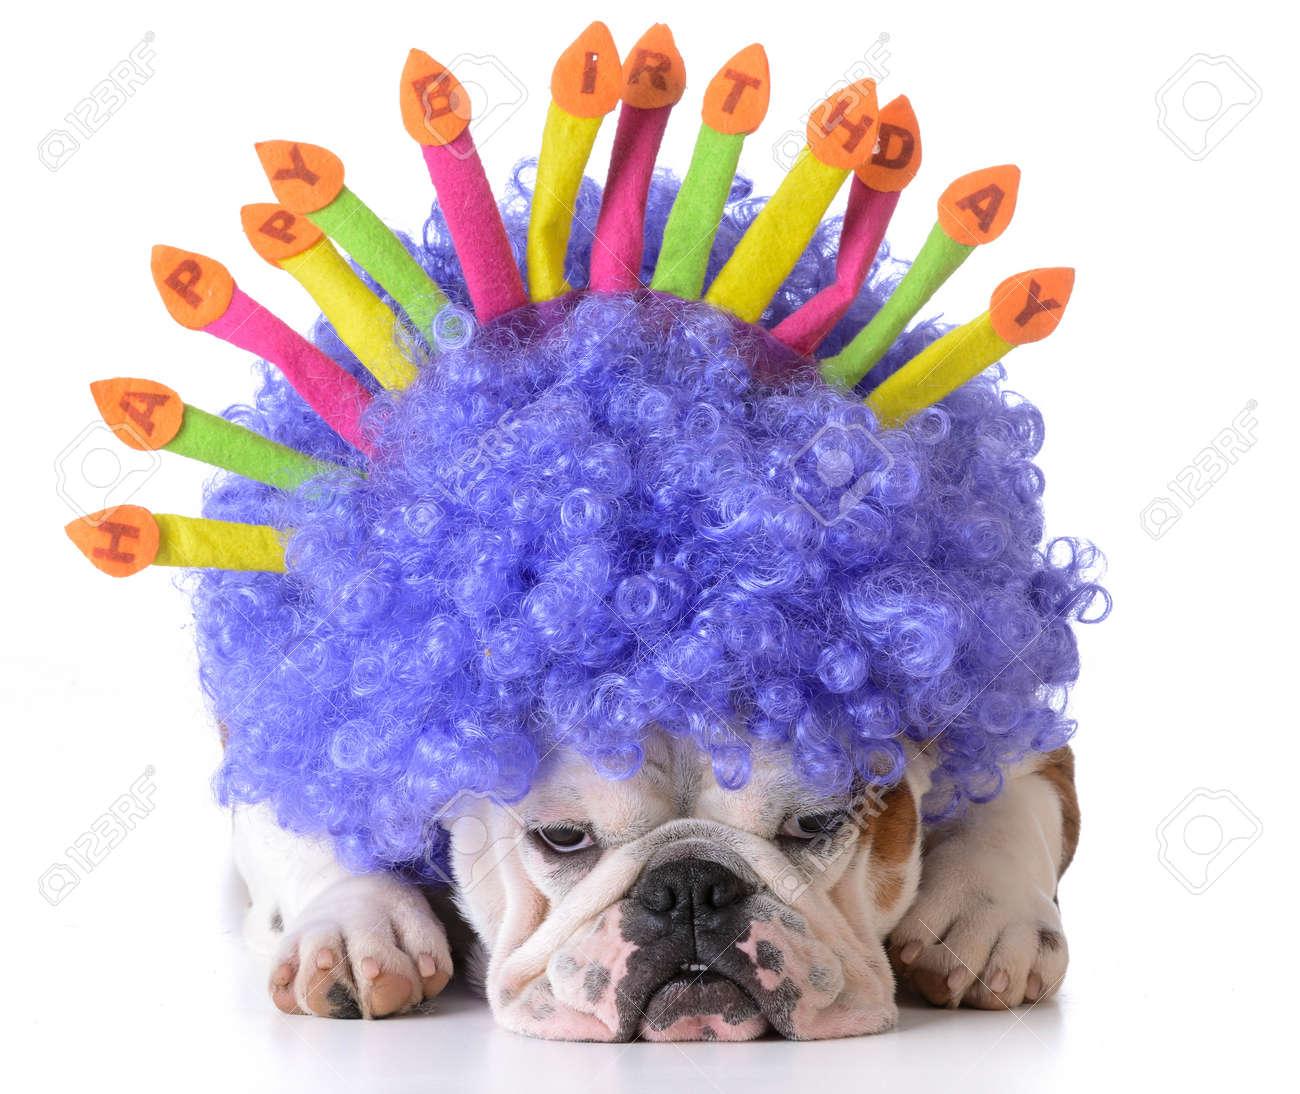 Geburtstags Hund Bulldogge Tragen Clown Perucke Und Geburtstag Hut